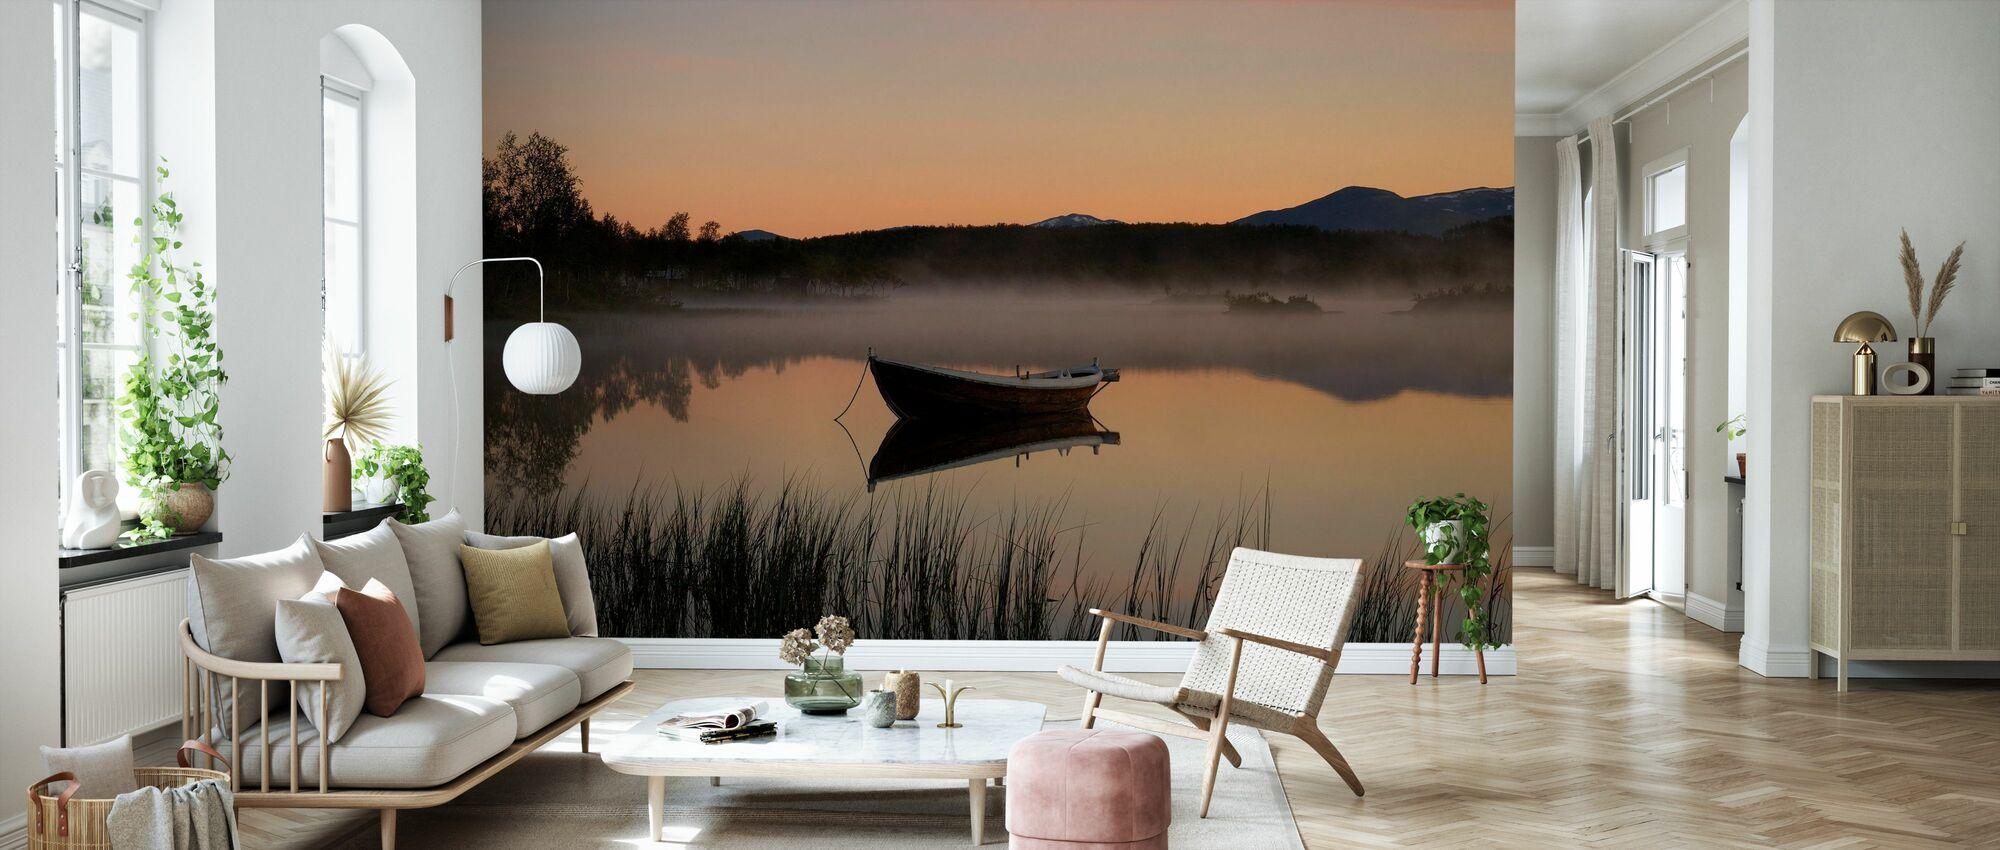 Fredlig kväll vid sjön, Senja Norge - Tapet - Vardagsrum